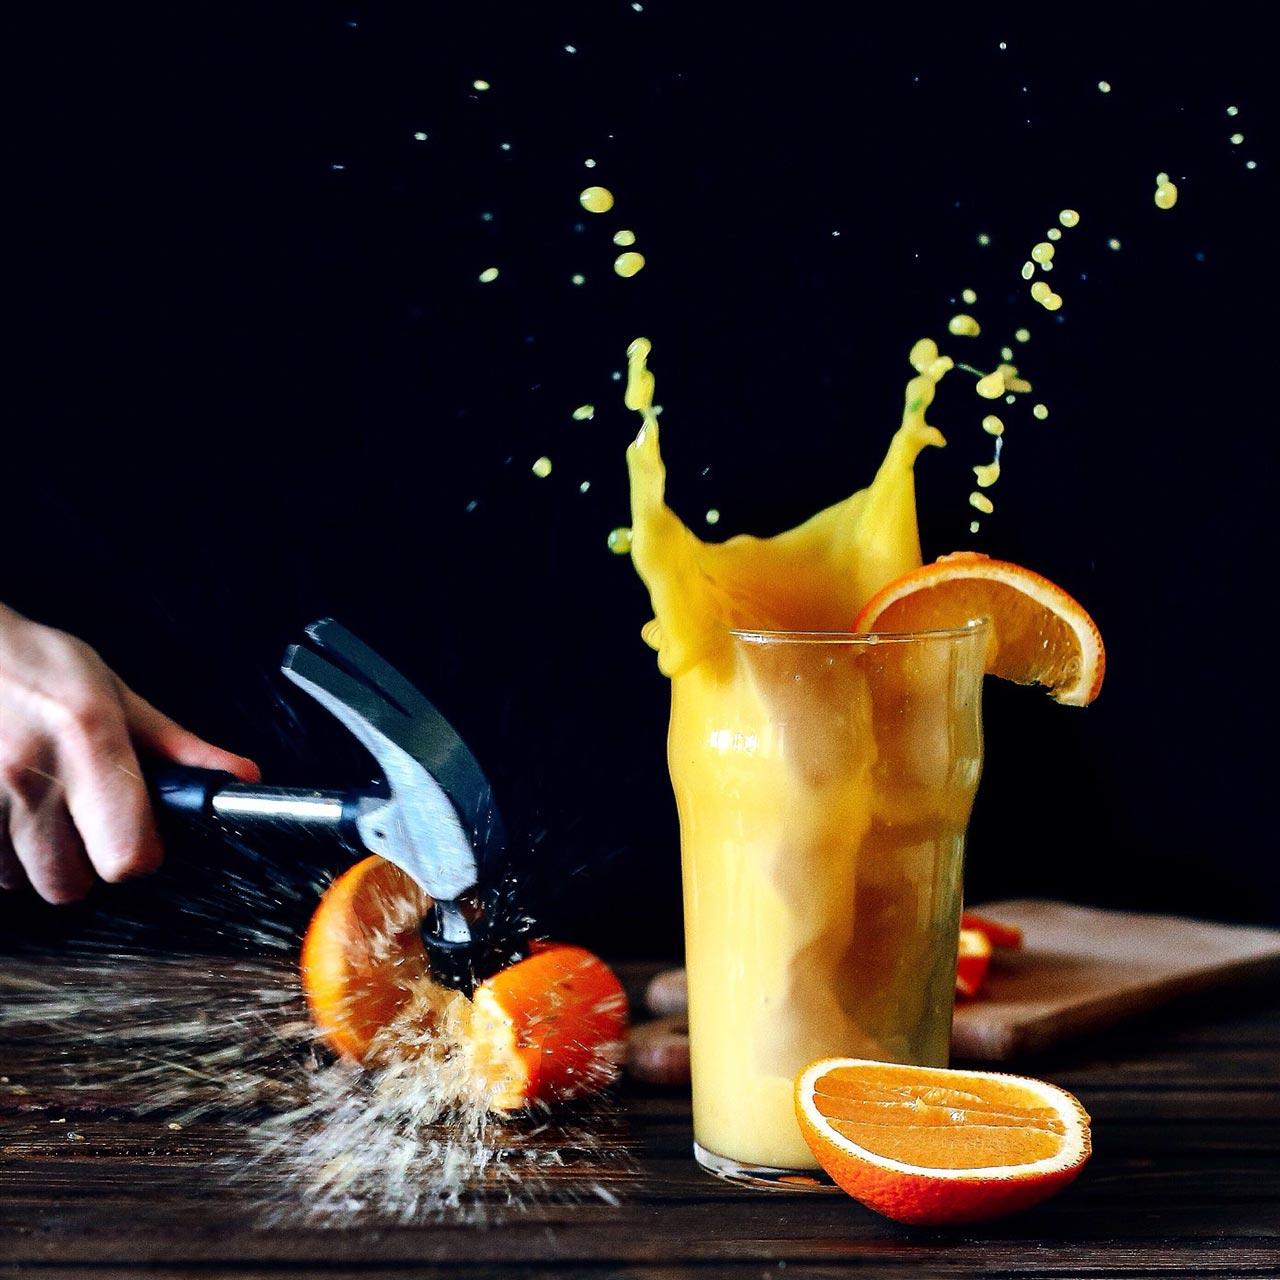 Portakal Suyunda Kopan Fırtına